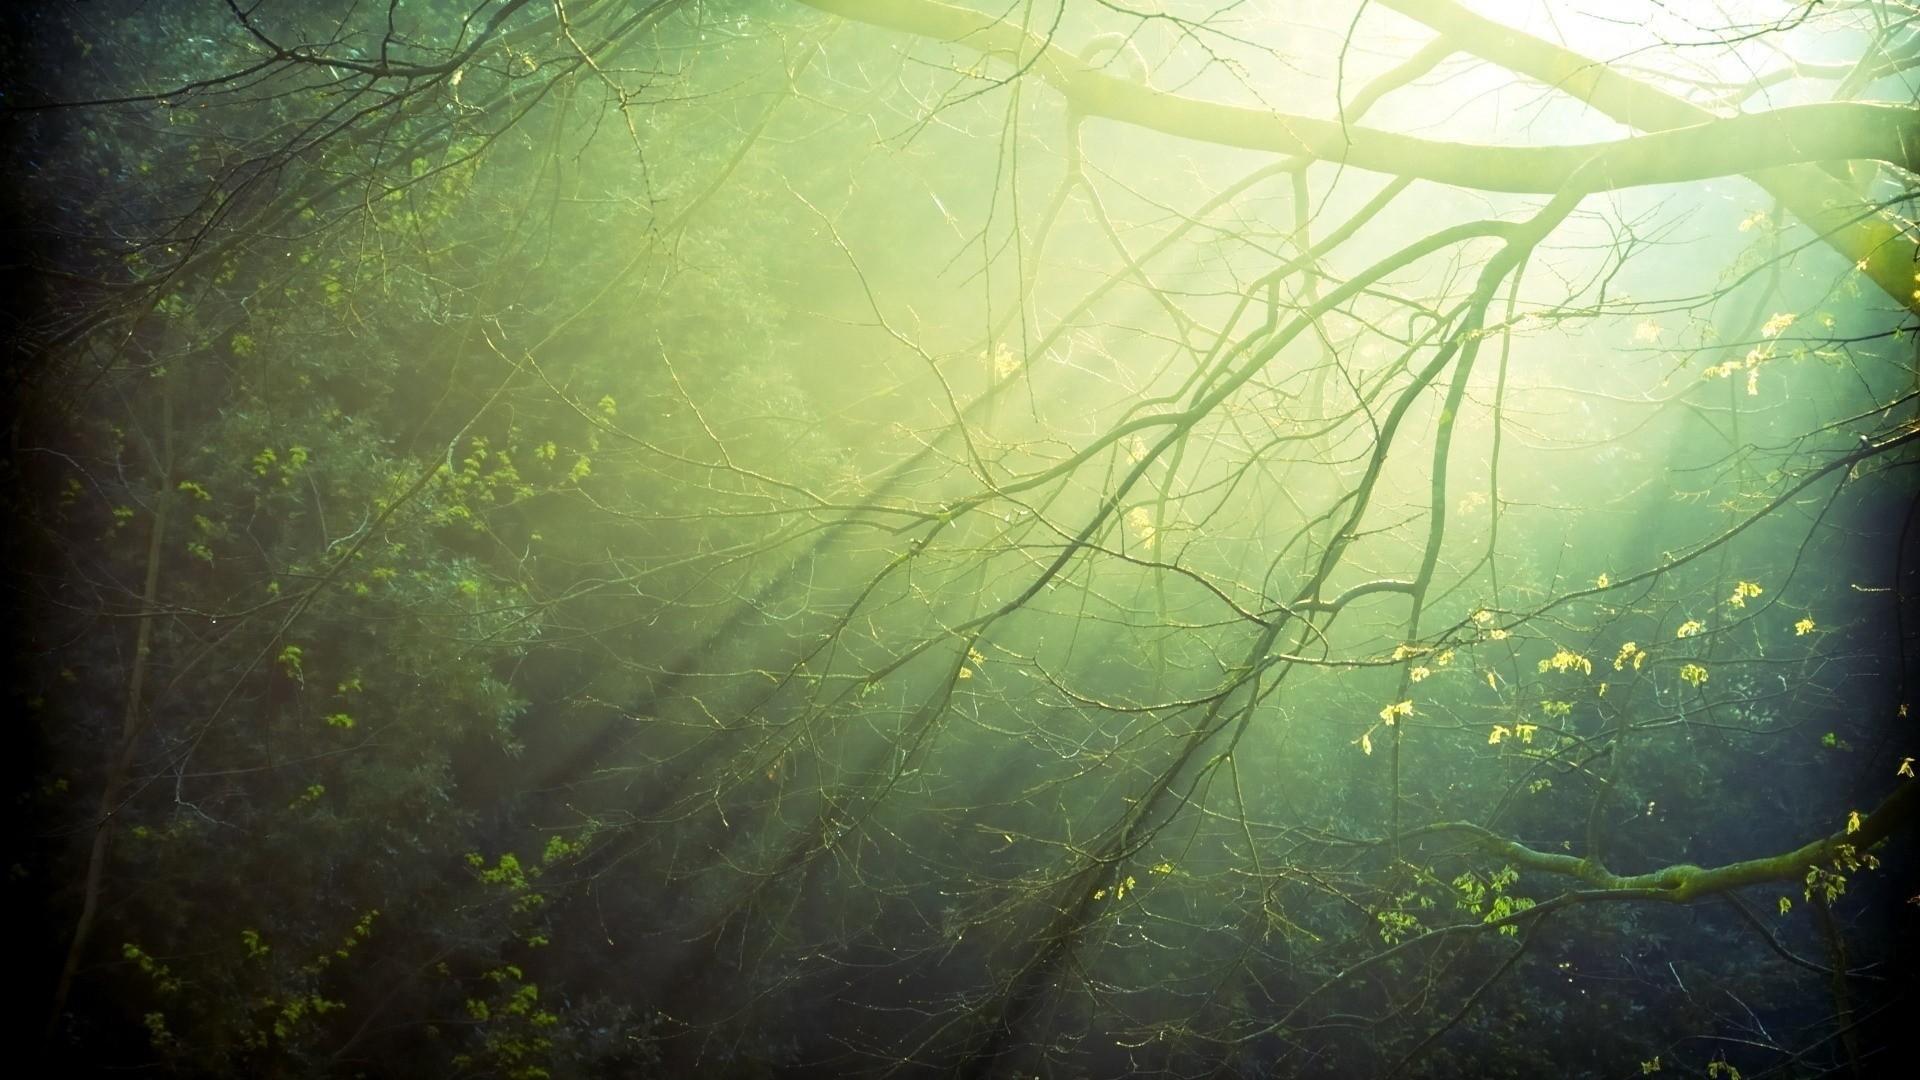 Forest Sunlight wallpaper photo hd